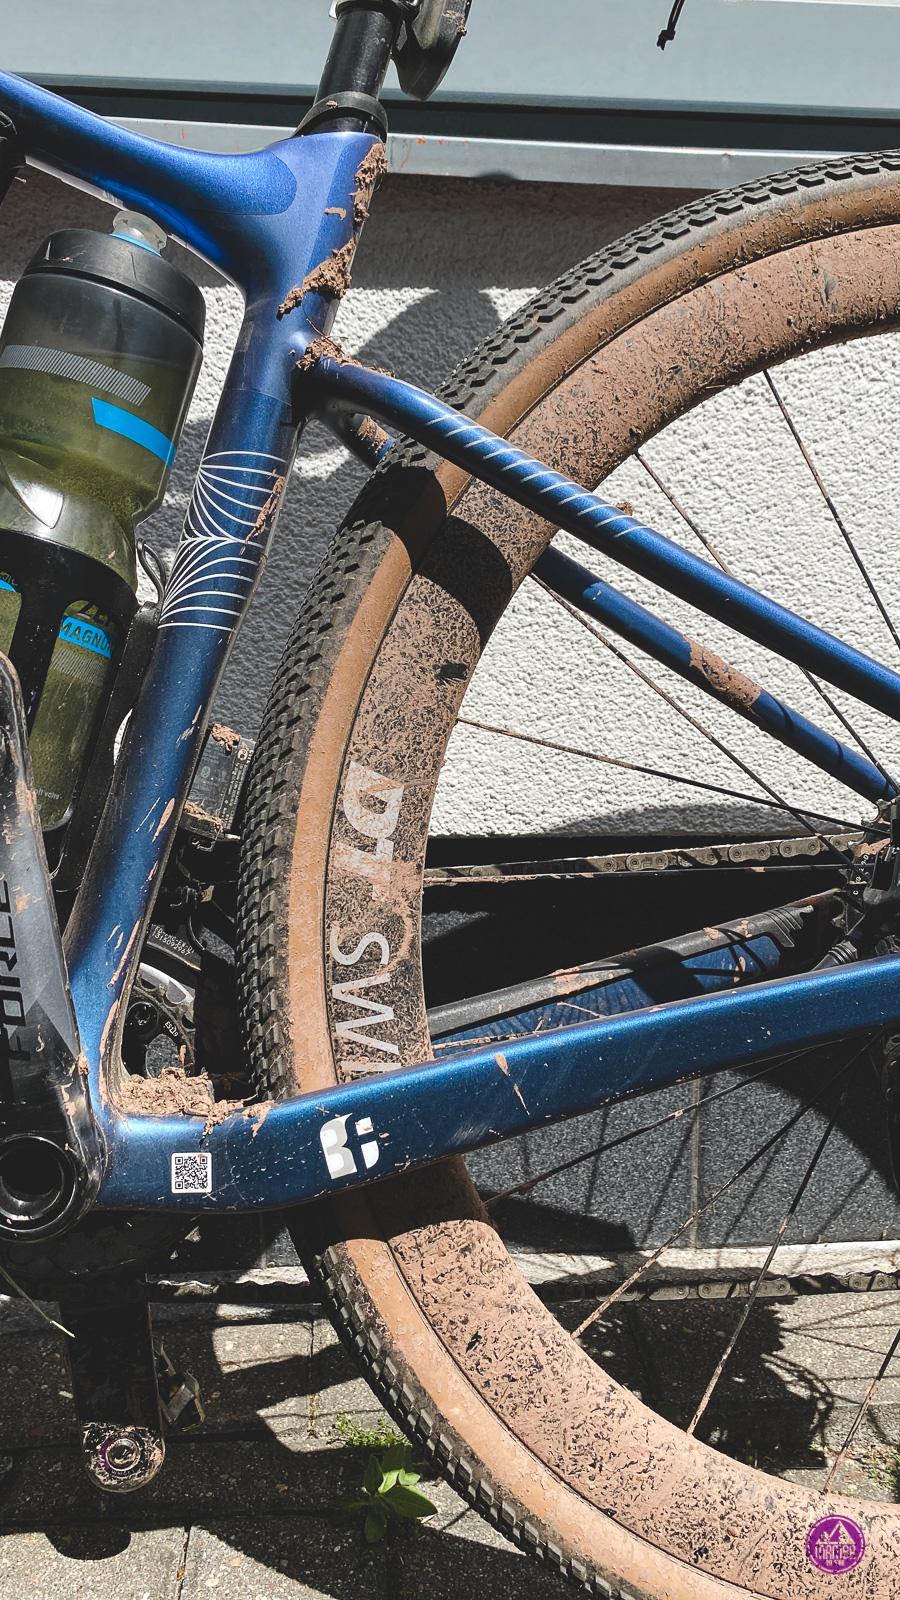 DT Swiss GRC1400